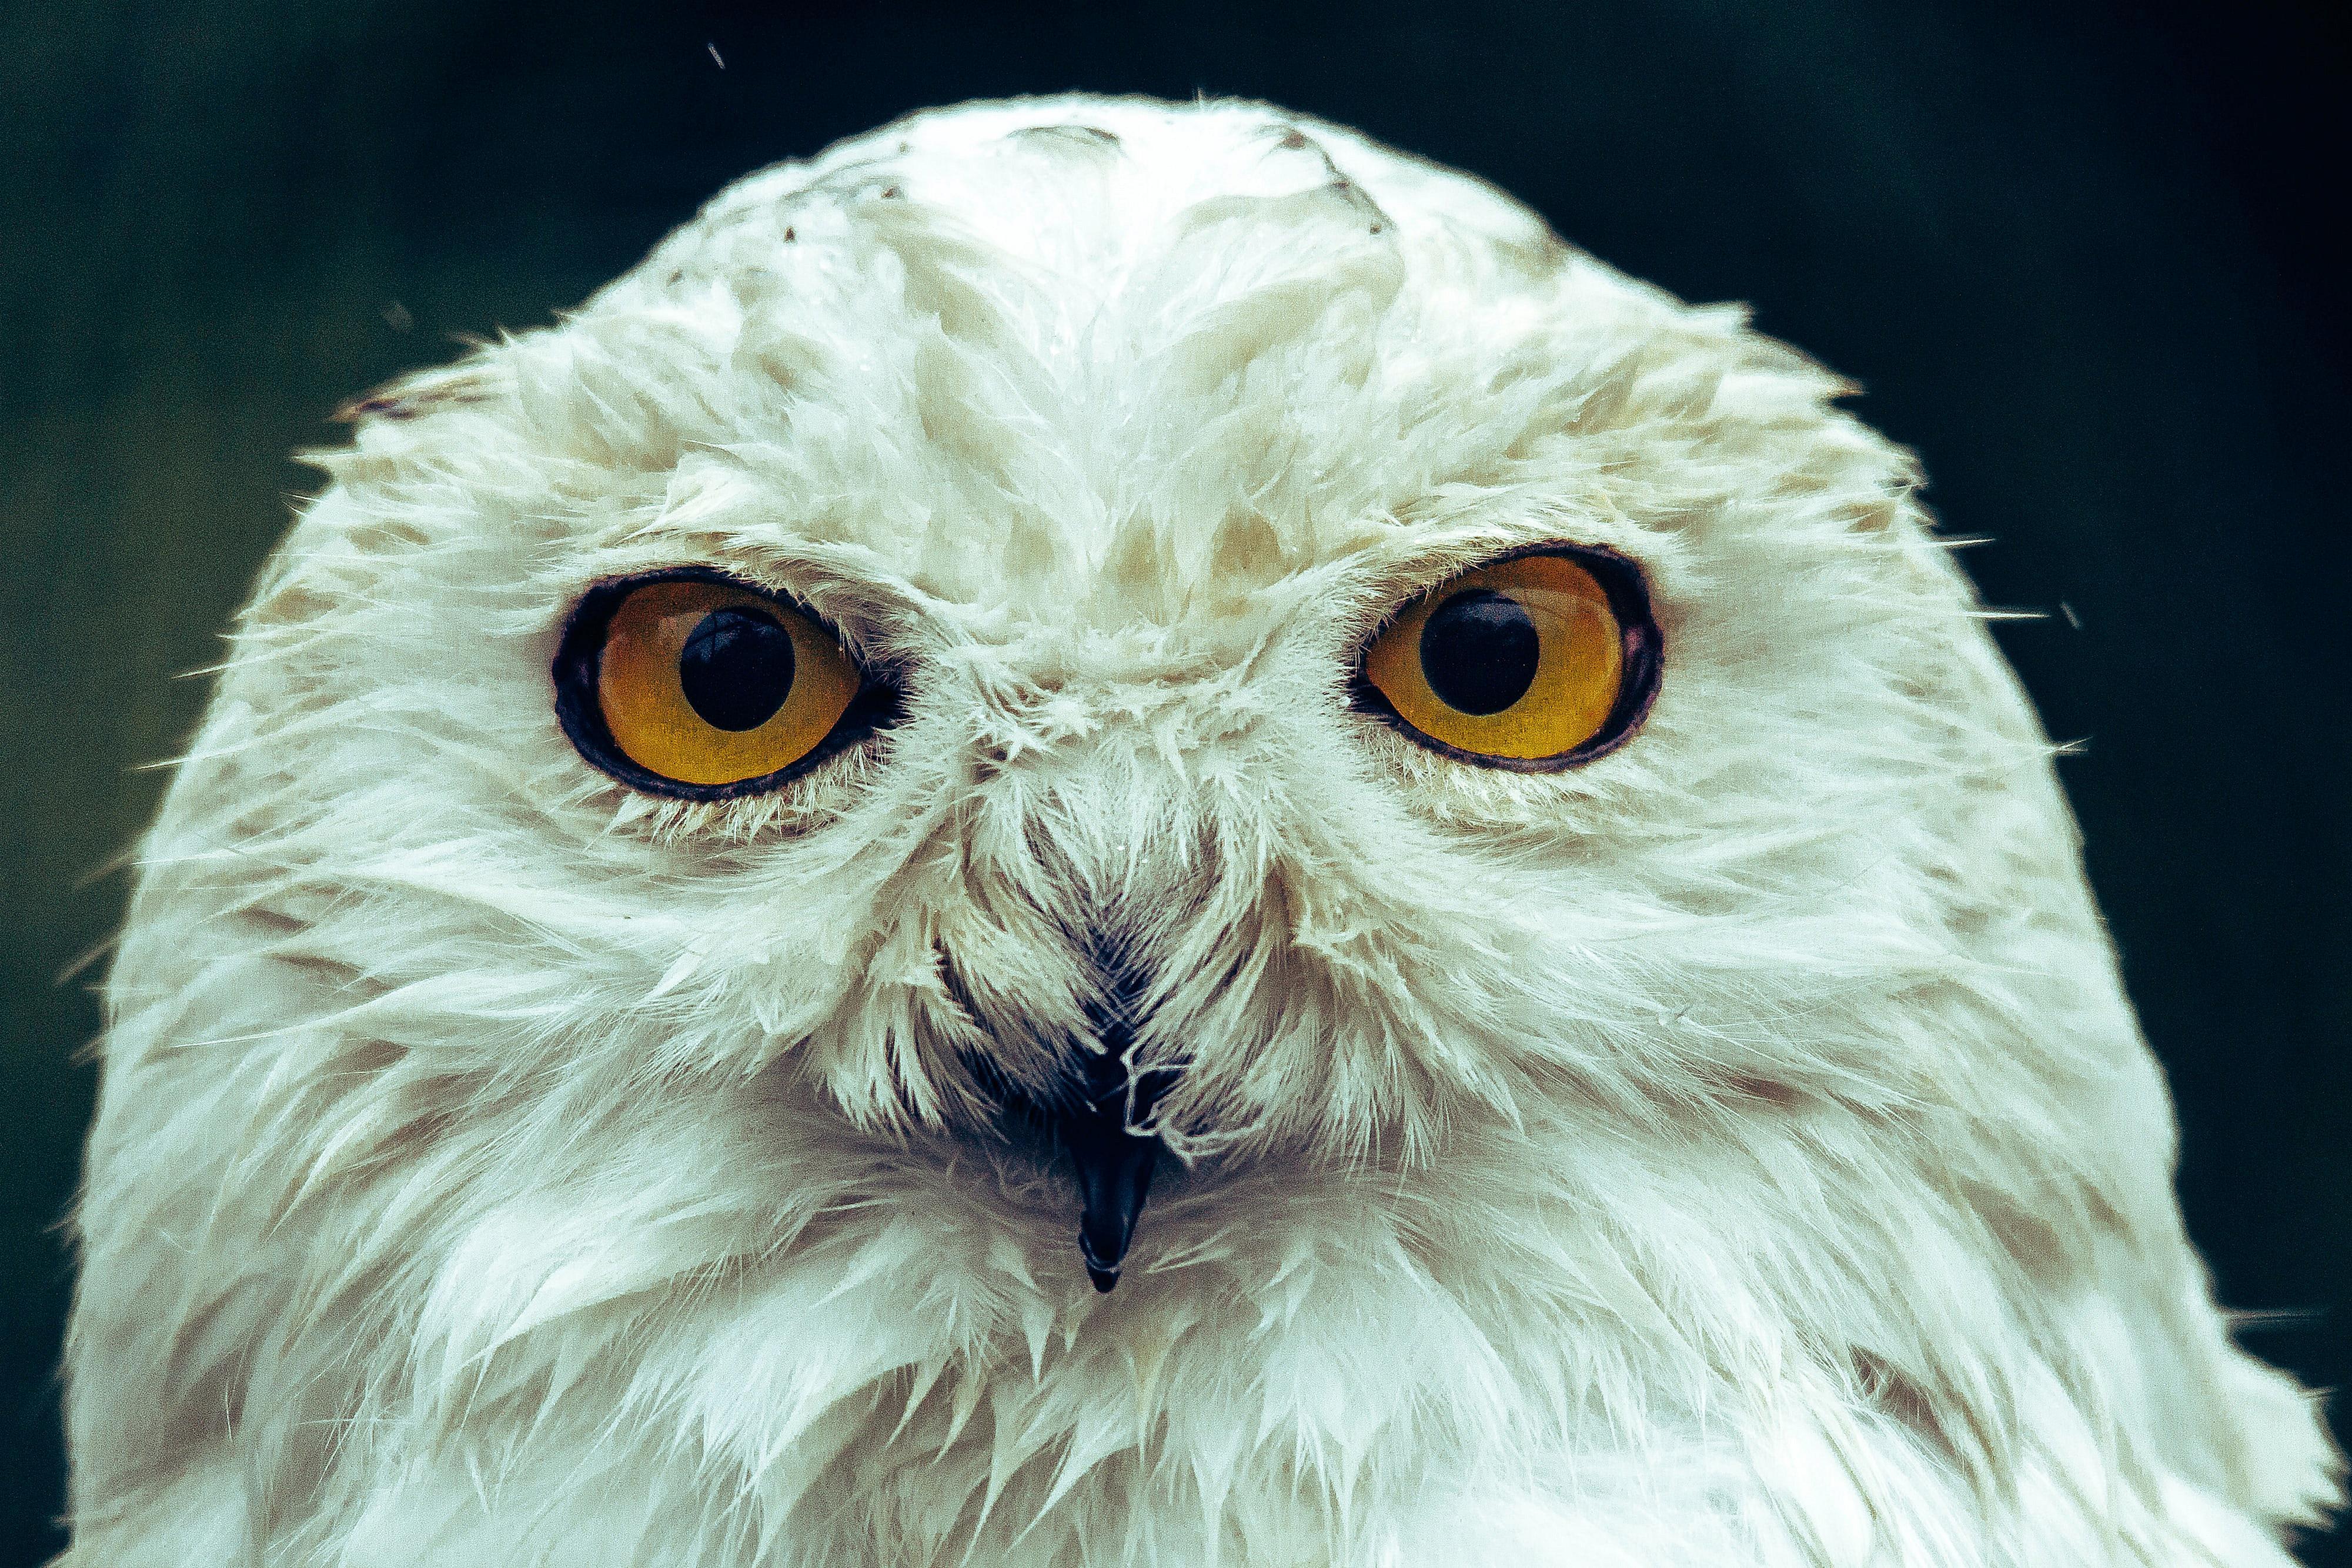 Dos ulls, una mirada. Unicitat